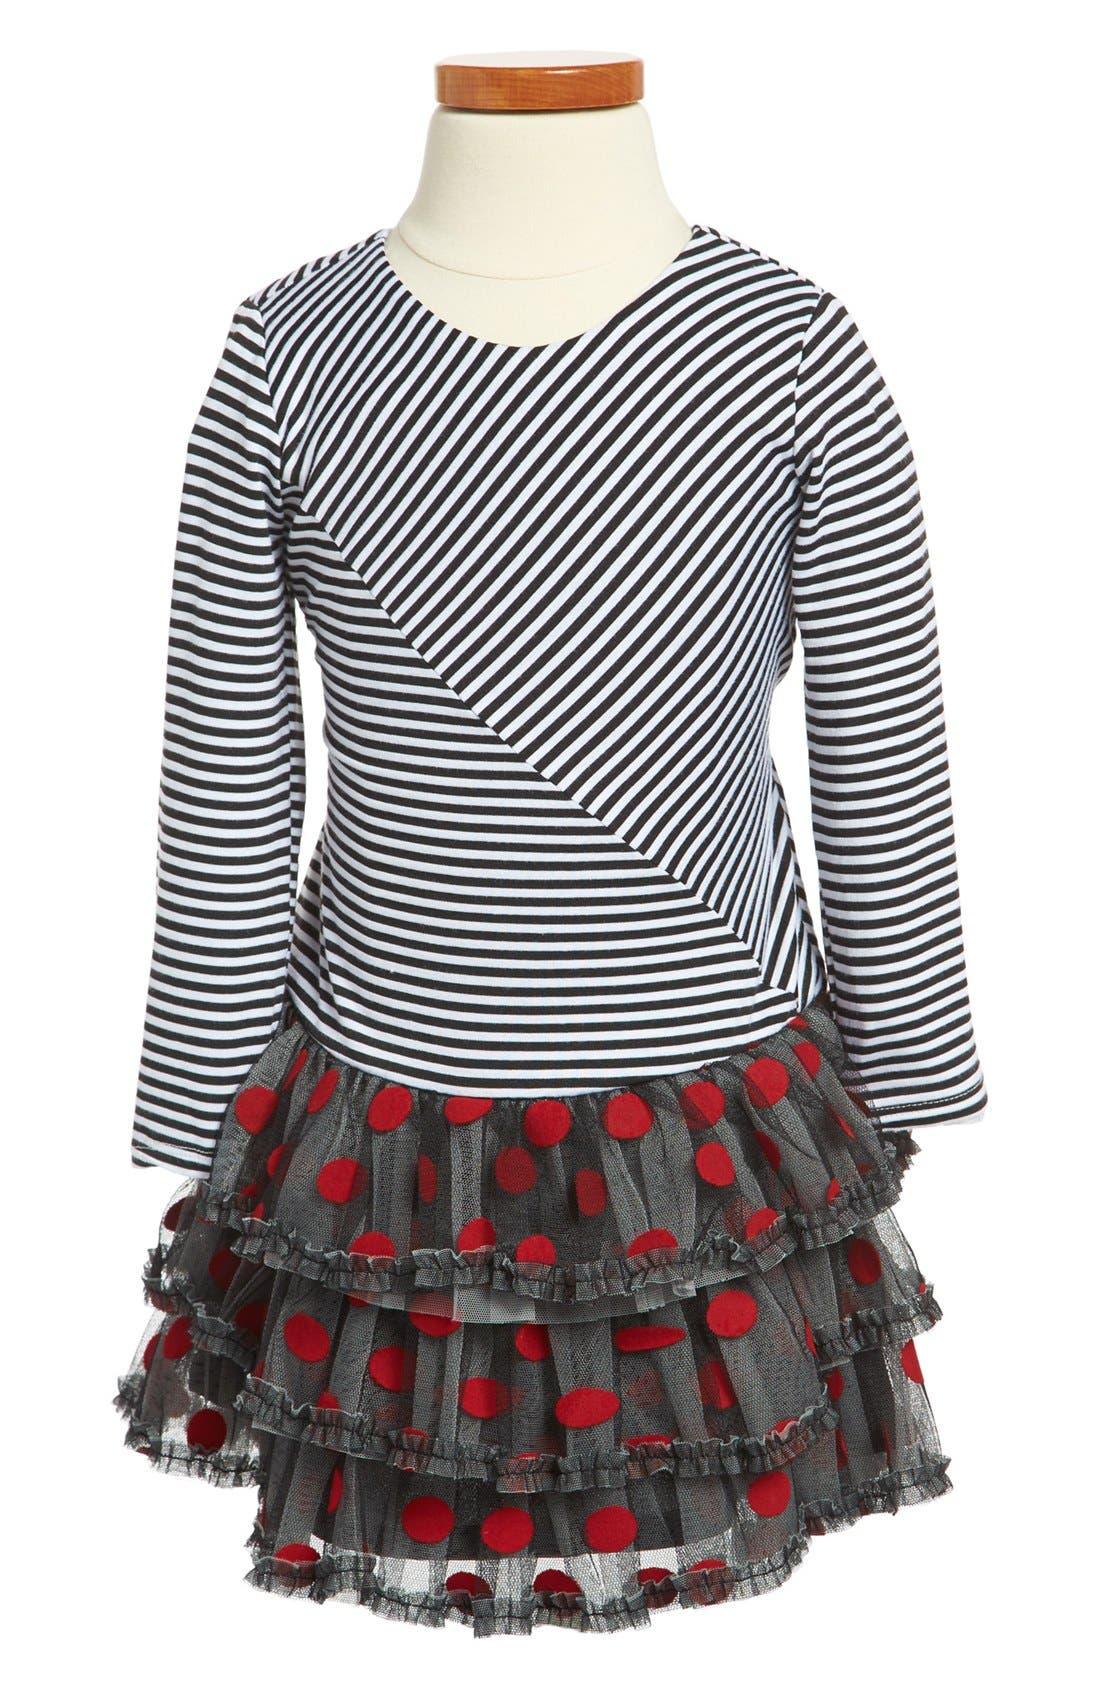 Alternate Image 1 Selected - Isobella & Chloe Tulle Dress (Toddler Girls)